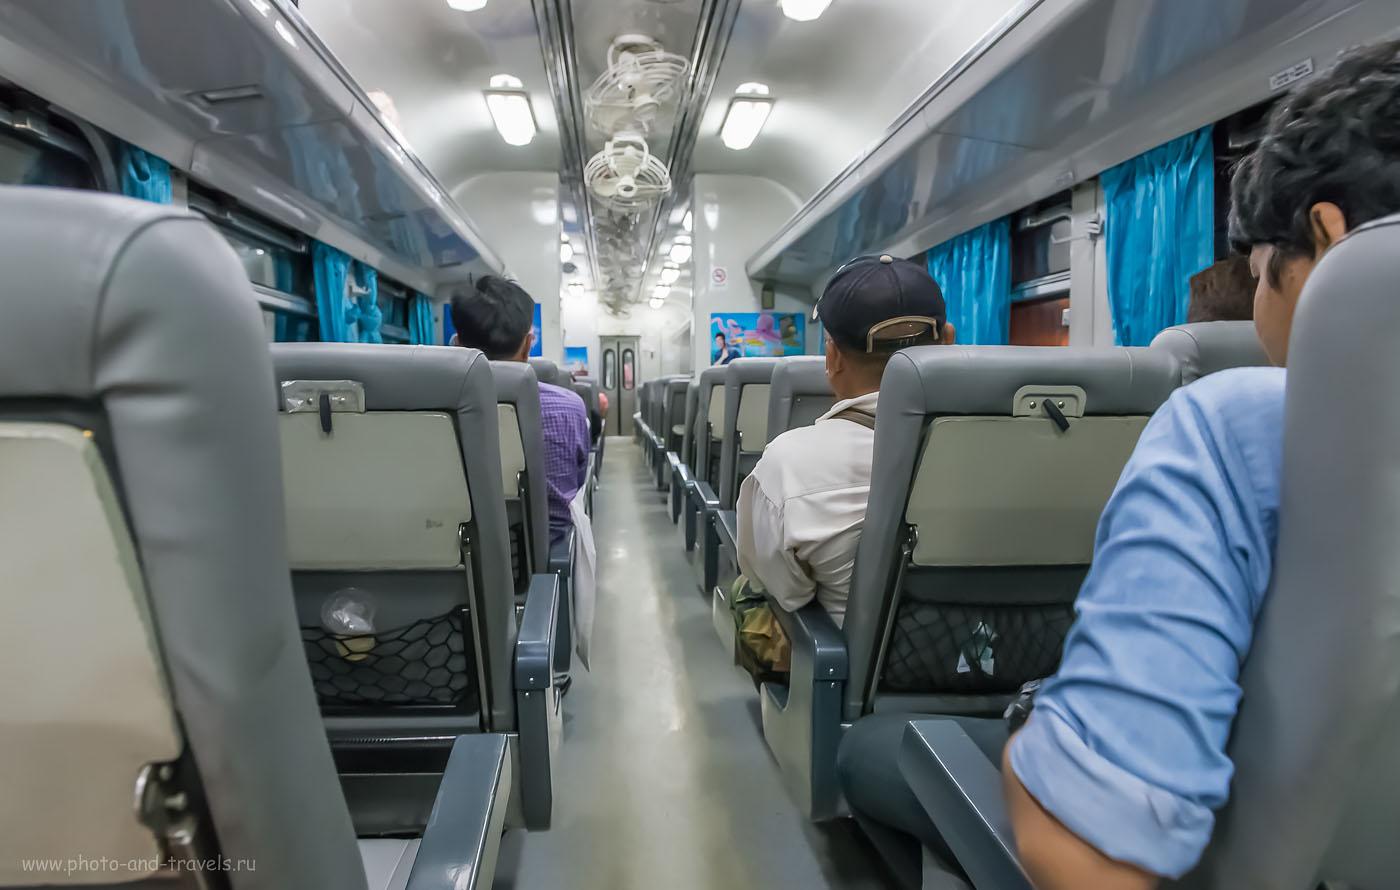 Фотография 11. Так выглядит сидячий вагон второго класса в тайском поезде. Поездка из города Пхитсанулок в Бангкок. ISO 5000, 24мм, f/5.6, 1/15 секунды)